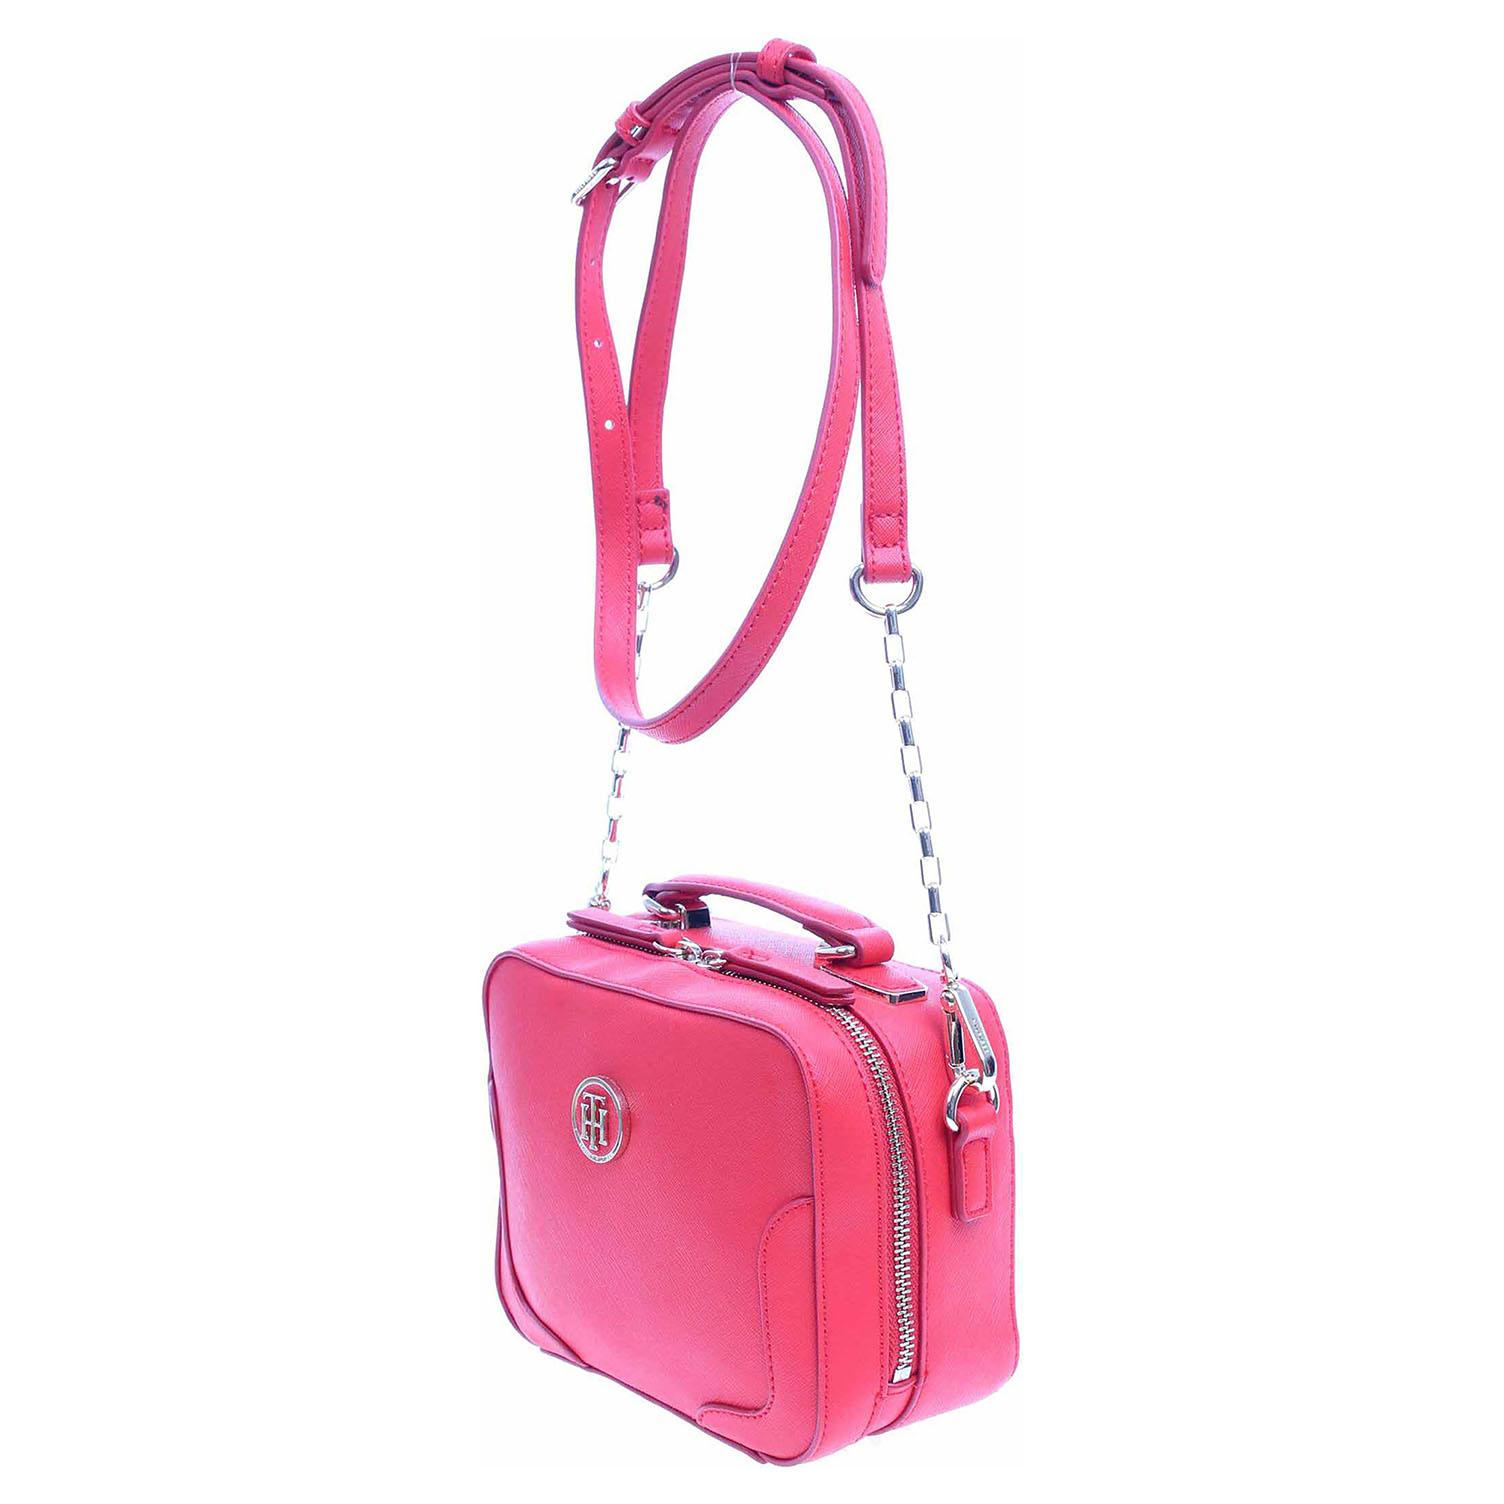 Ecco Tommy Hilfiger dámská kabelka AW0AW03675 červená 11891144